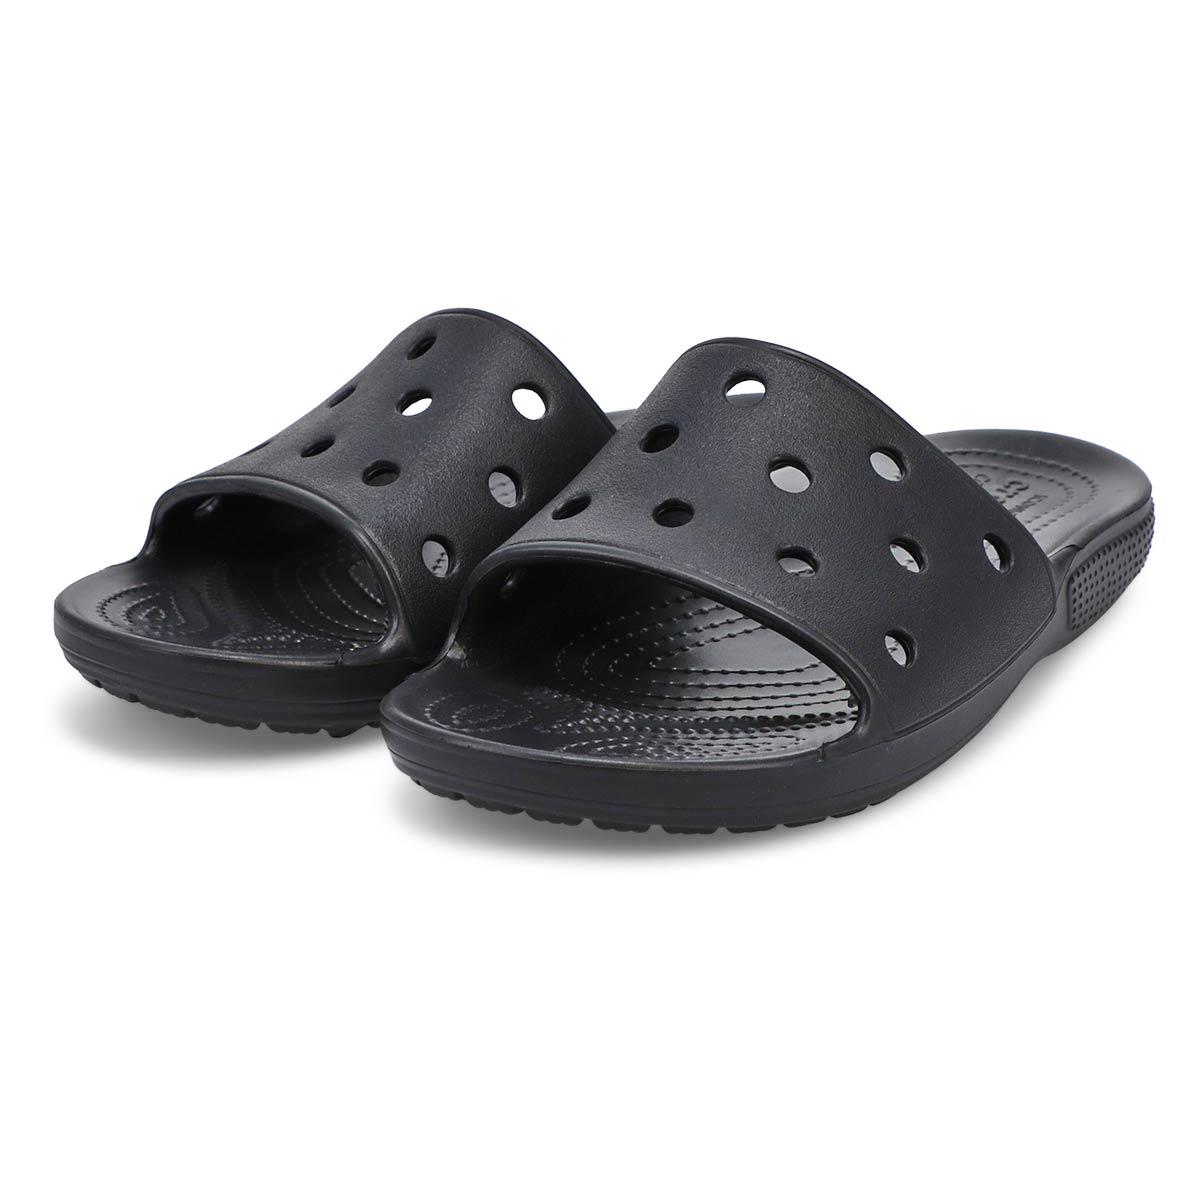 Womens' Classic Crocs Slide Sandal - Black